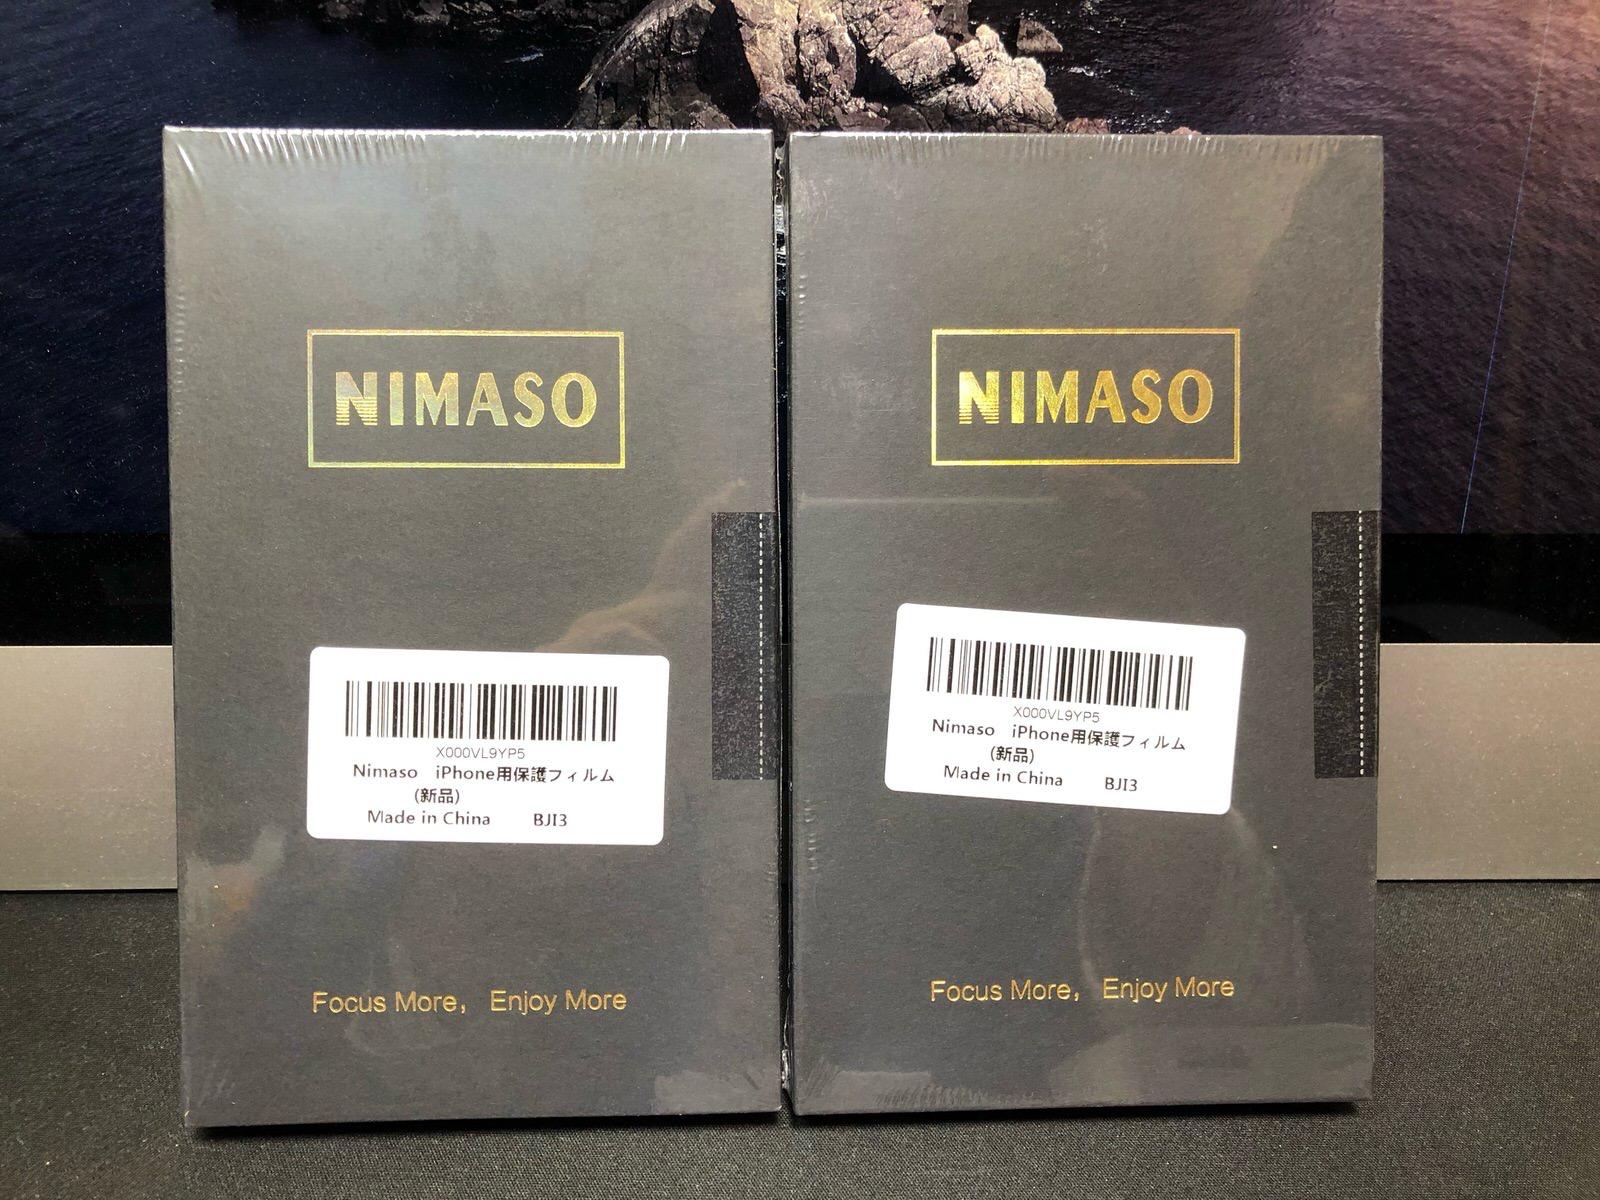 【2枚セット】NIMASO iPhone12 /iPhone 12 Pro/iPhone 11 / XR 用 ガラスフィルム 【ガイド枠付き】−2